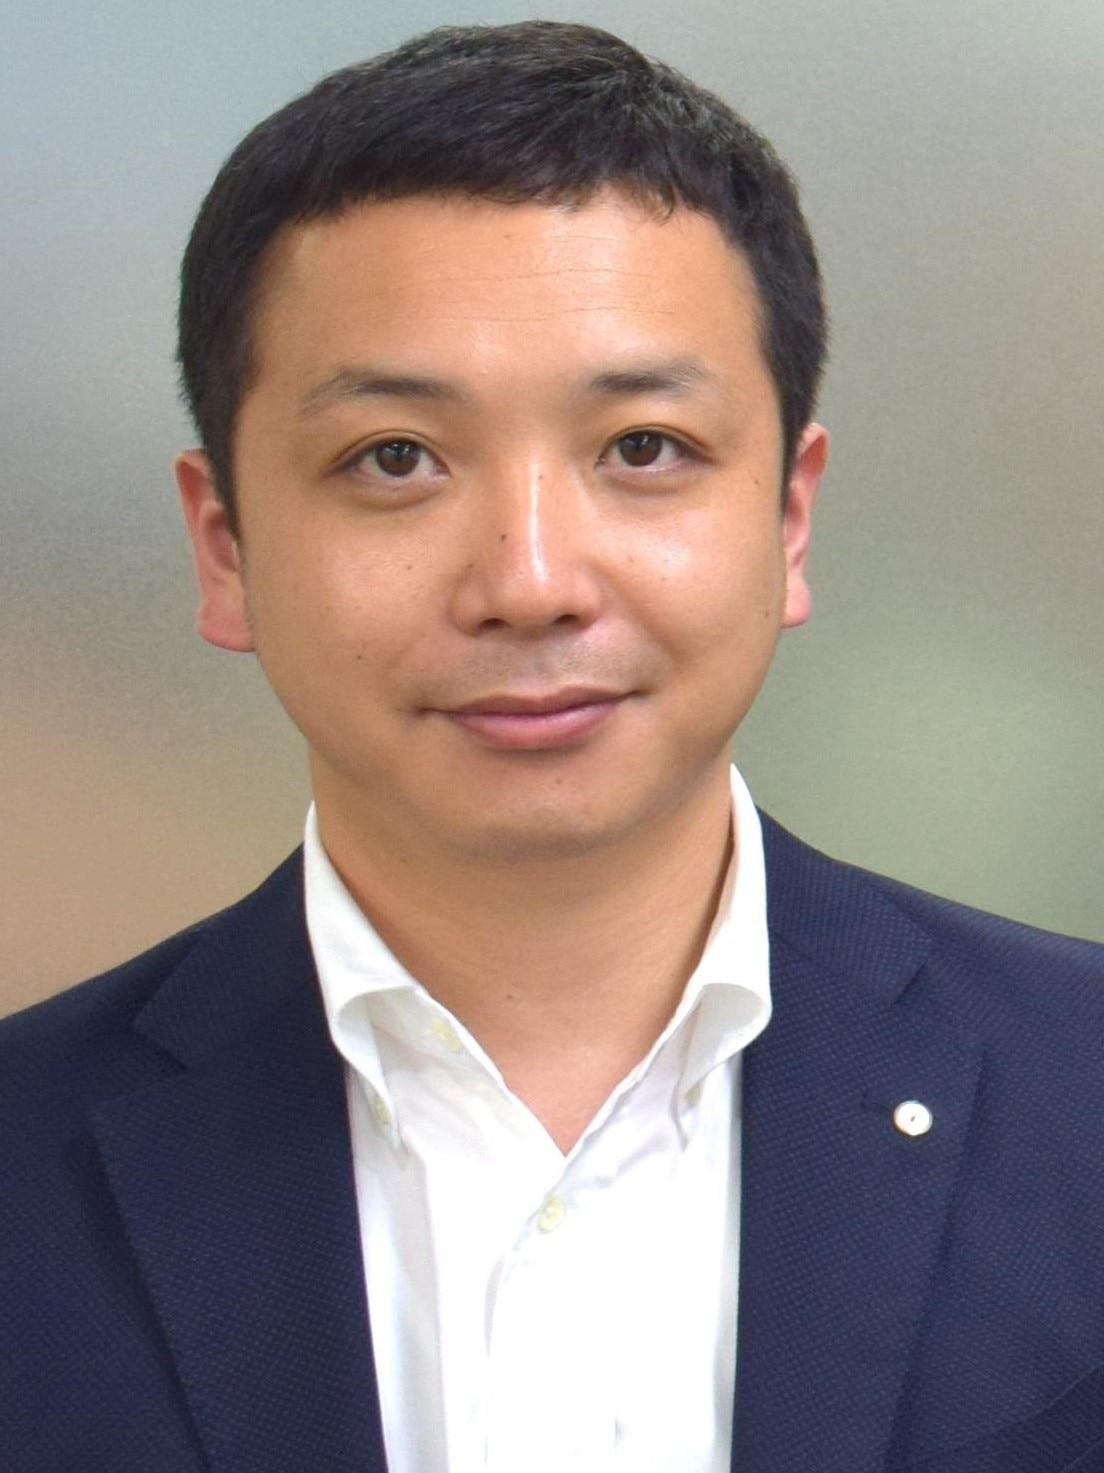 伊藤 慶太